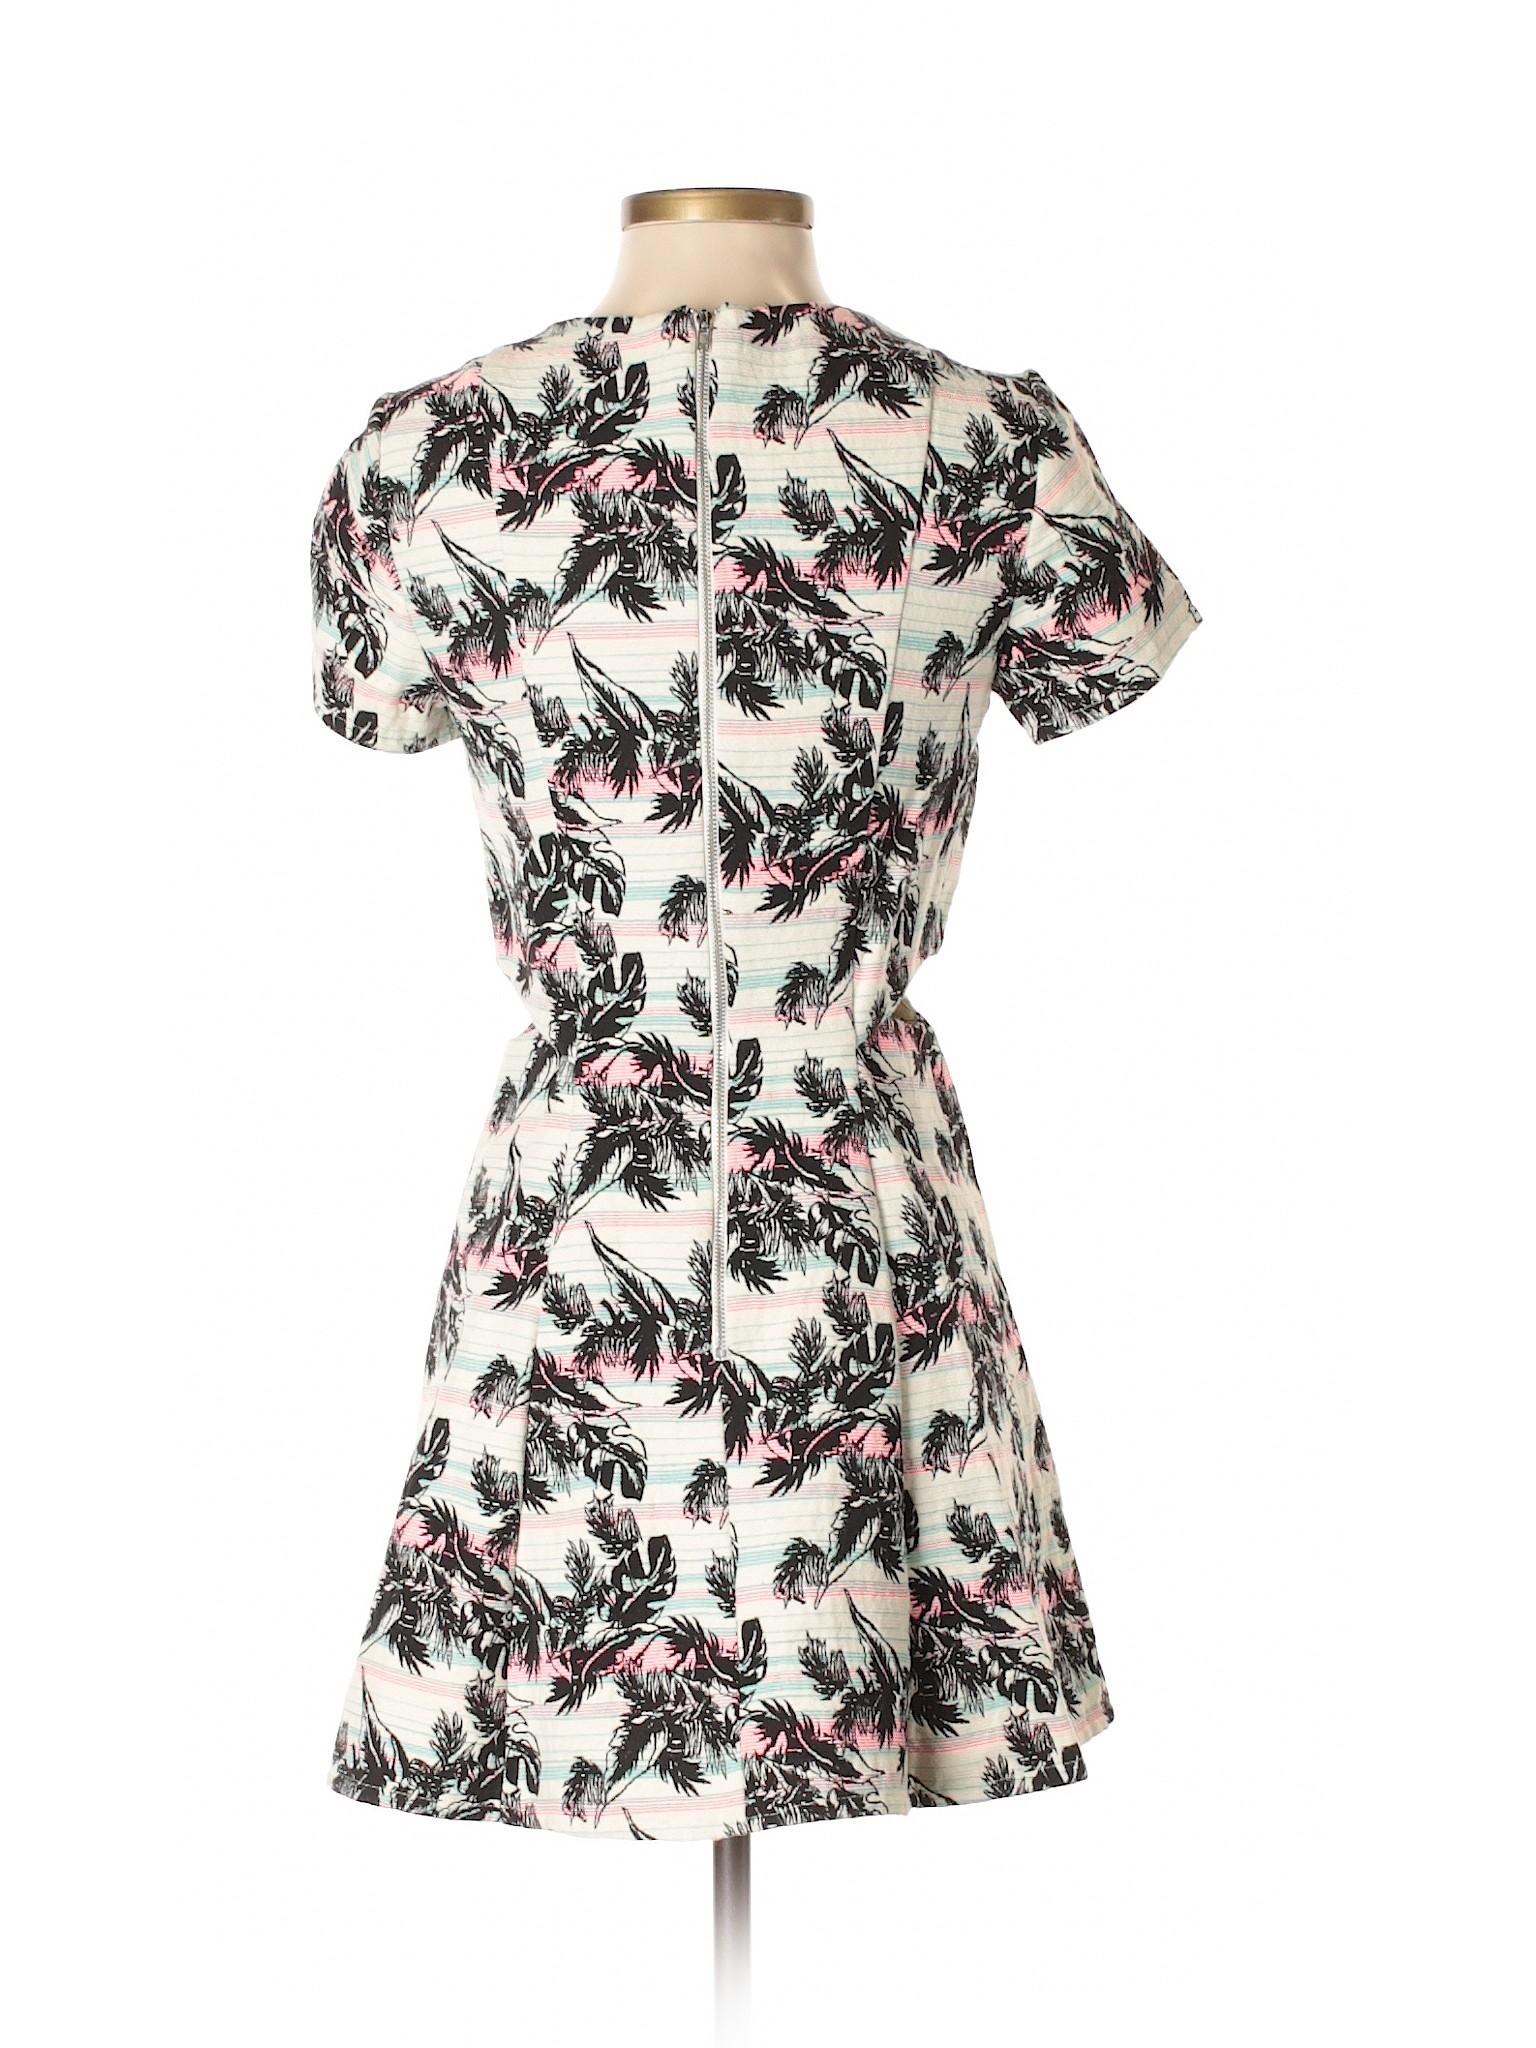 Boutique Boutique Topshop Dress winter winter Casual rRwrqO